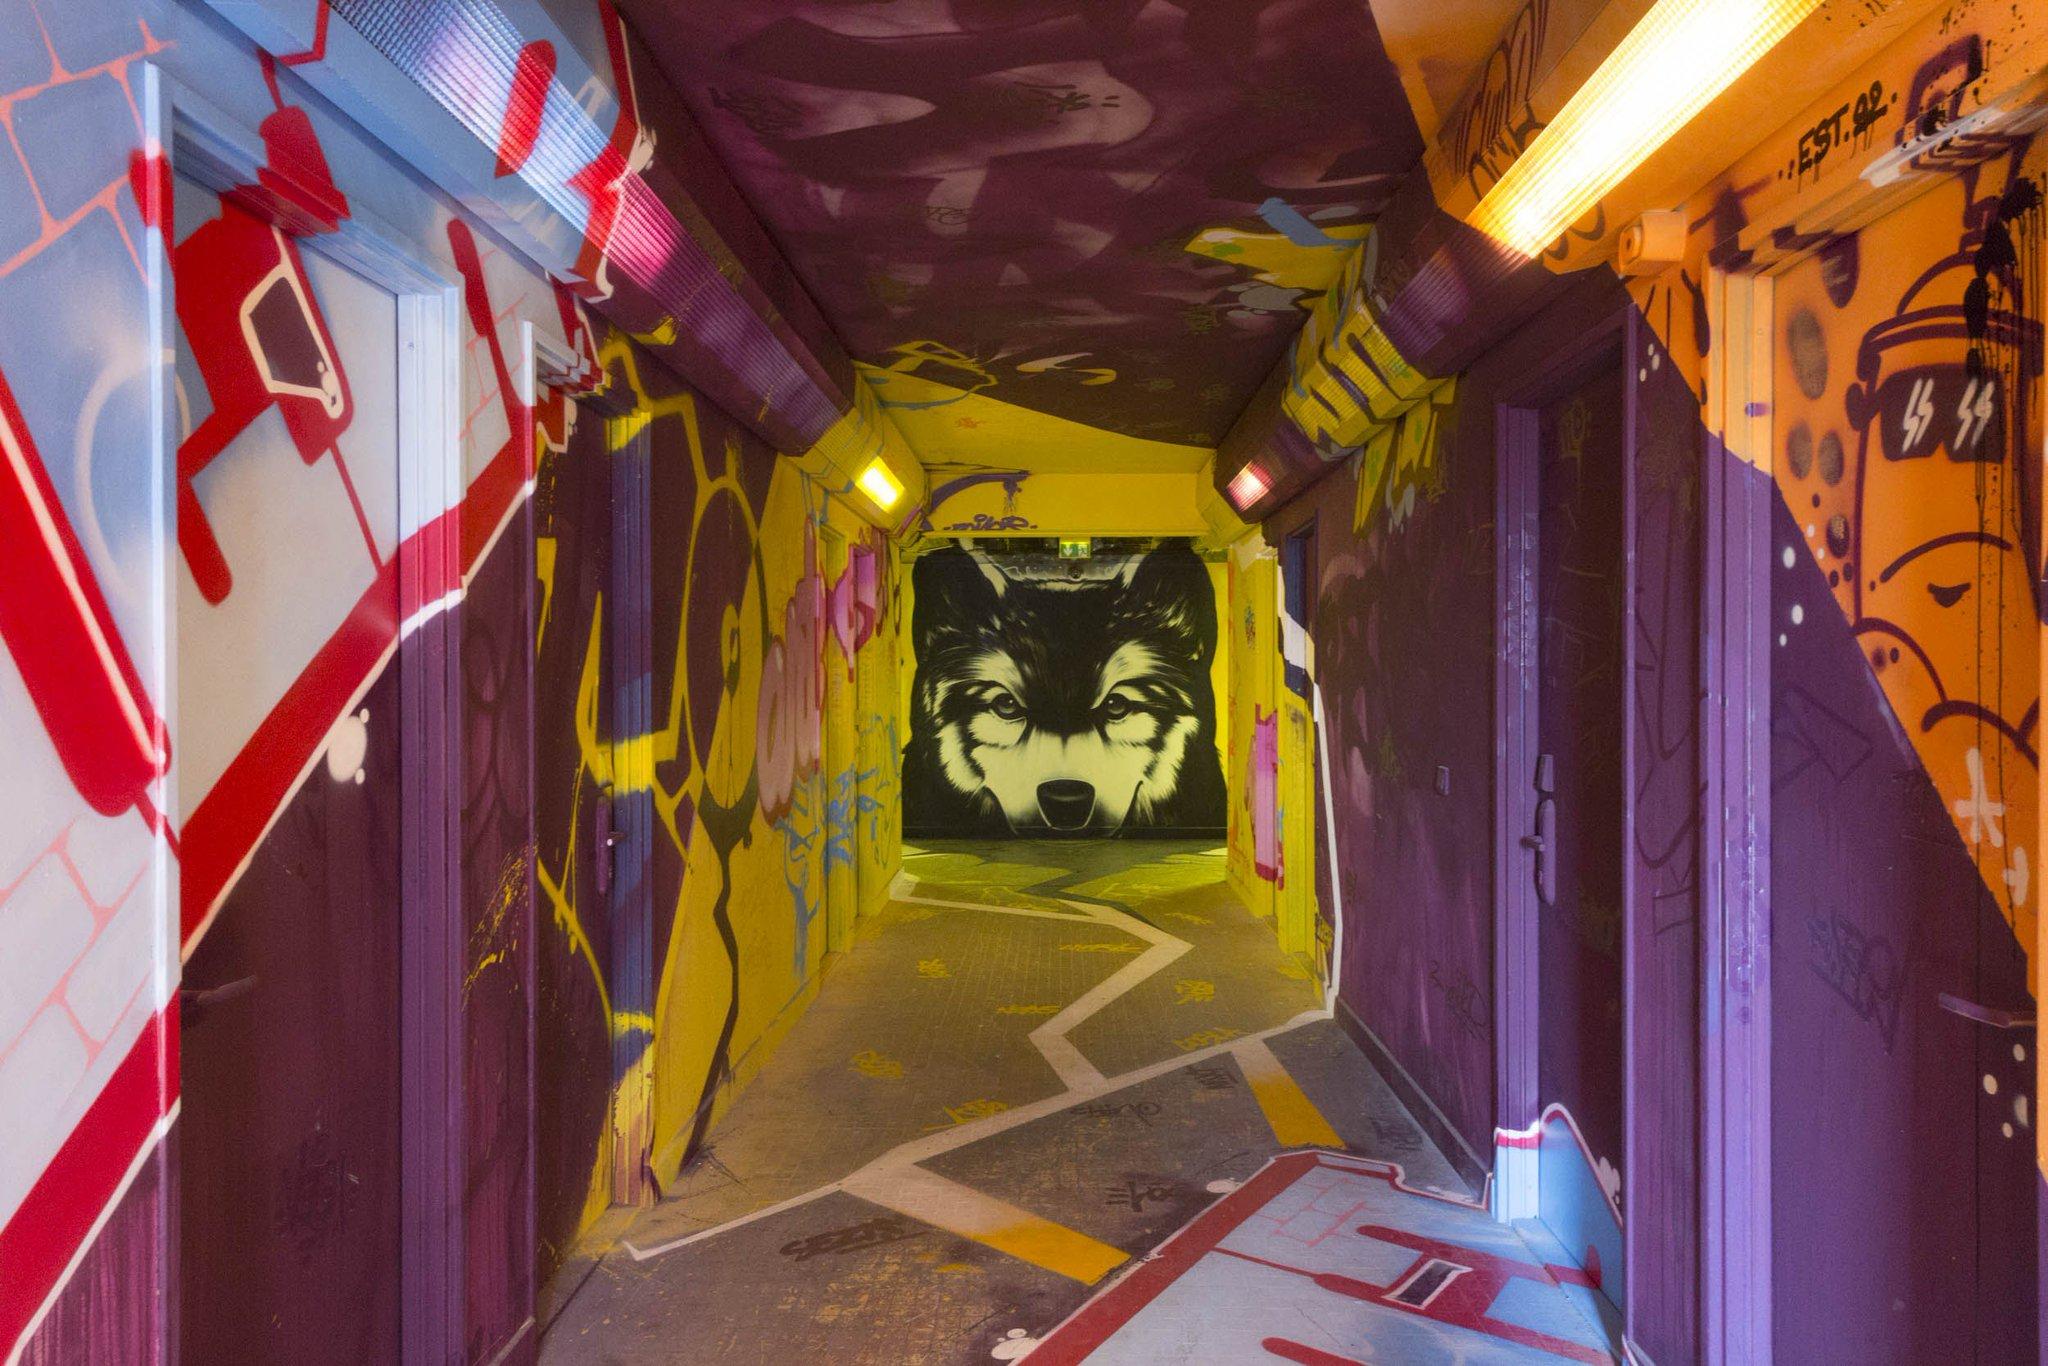 Foncez à la @ciup_fr découvrir #Rehab2, 6 étages dédiés au #StreetArt pour en prendre plein les yeux 😲 👁👁  👉 https://t.co/JPT4W53aXr https://t.co/W3pjt7PtRd